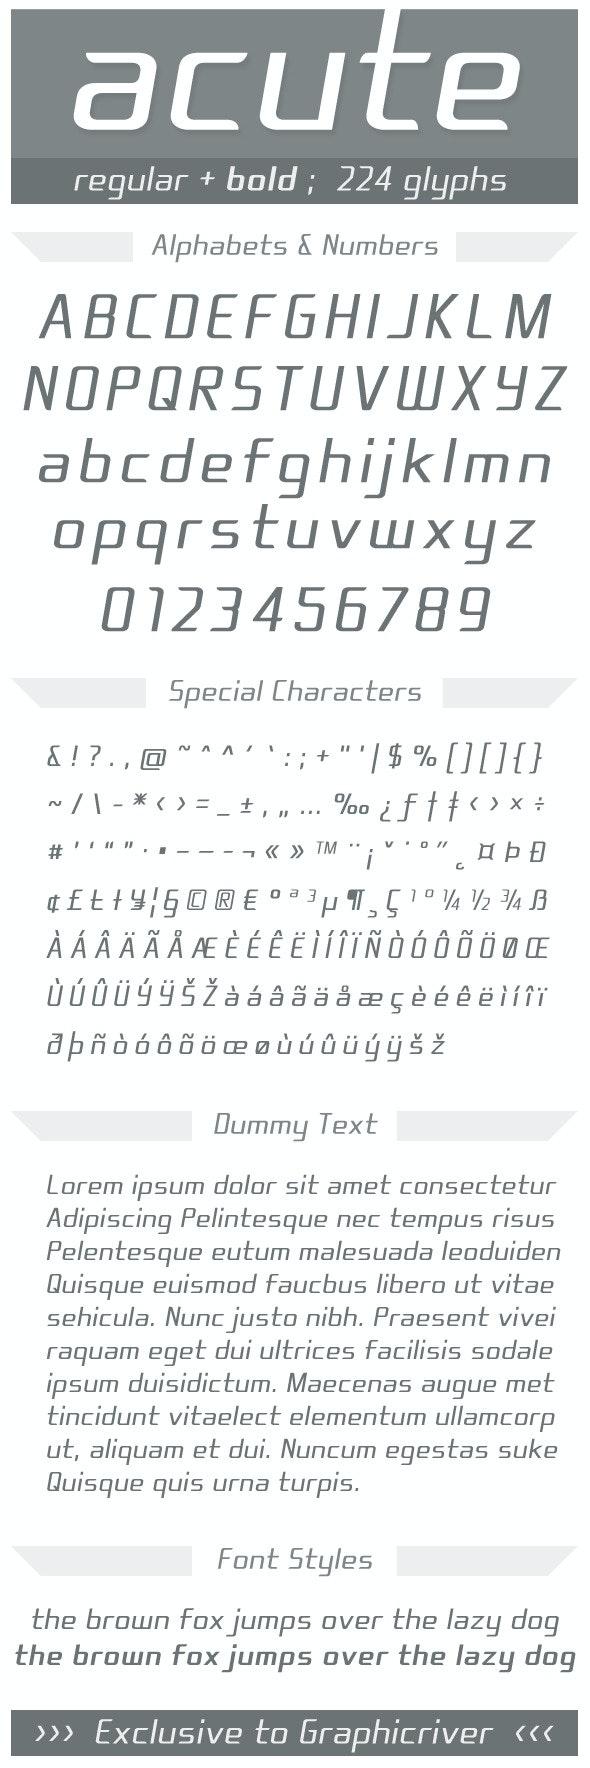 acute - Fonts